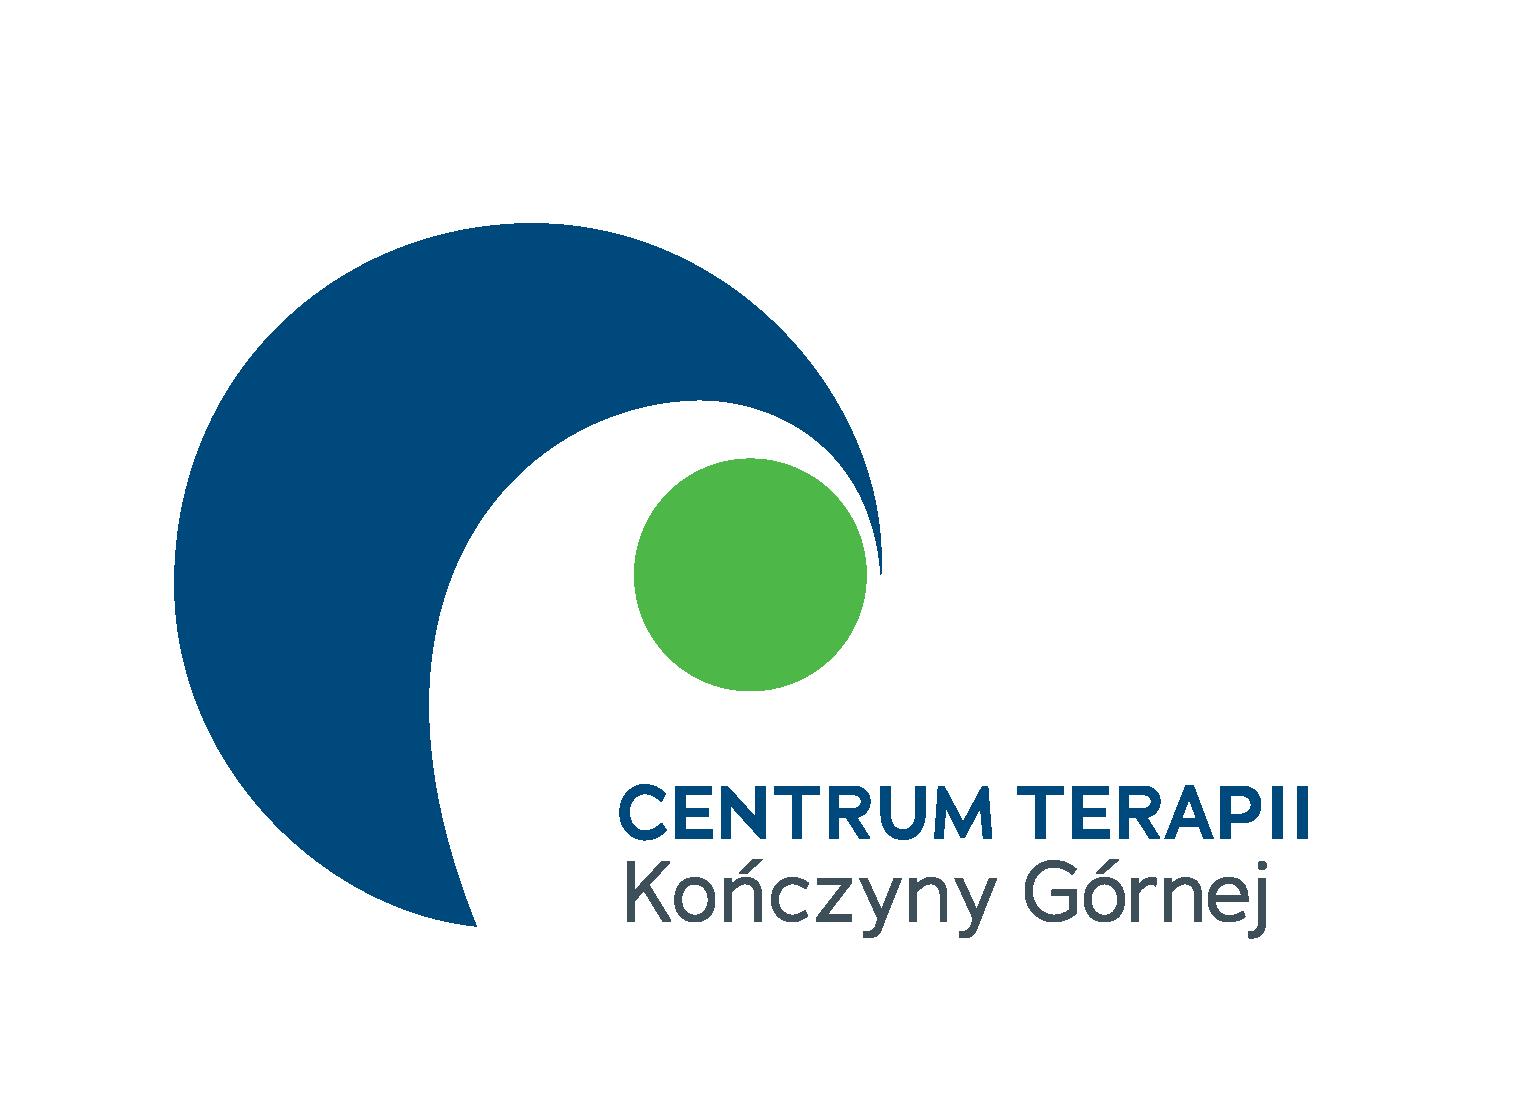 Centrum Terapii Kończyny Górnej